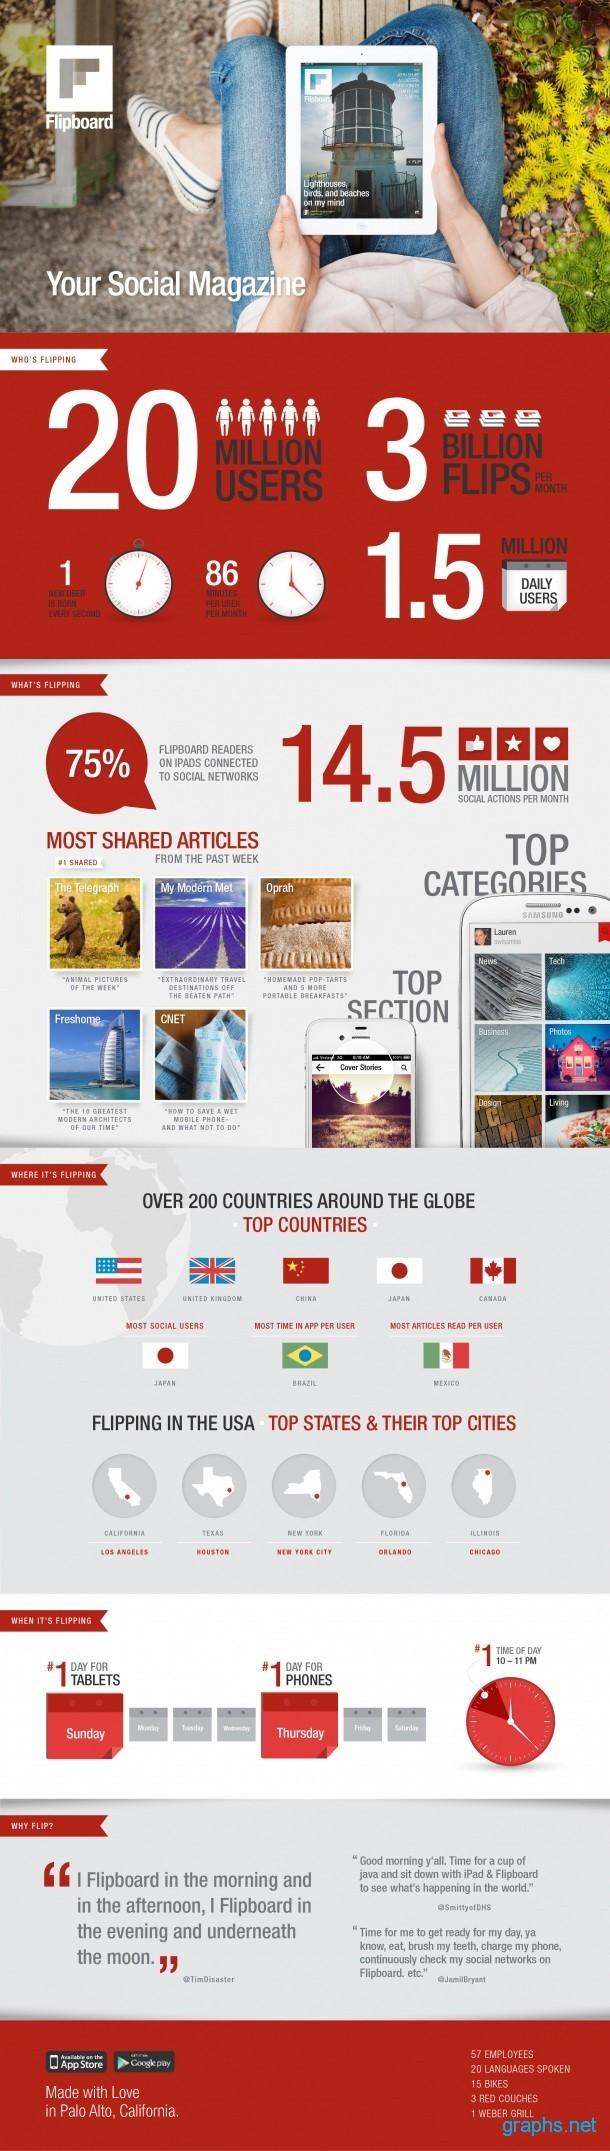 Flipboard statistics